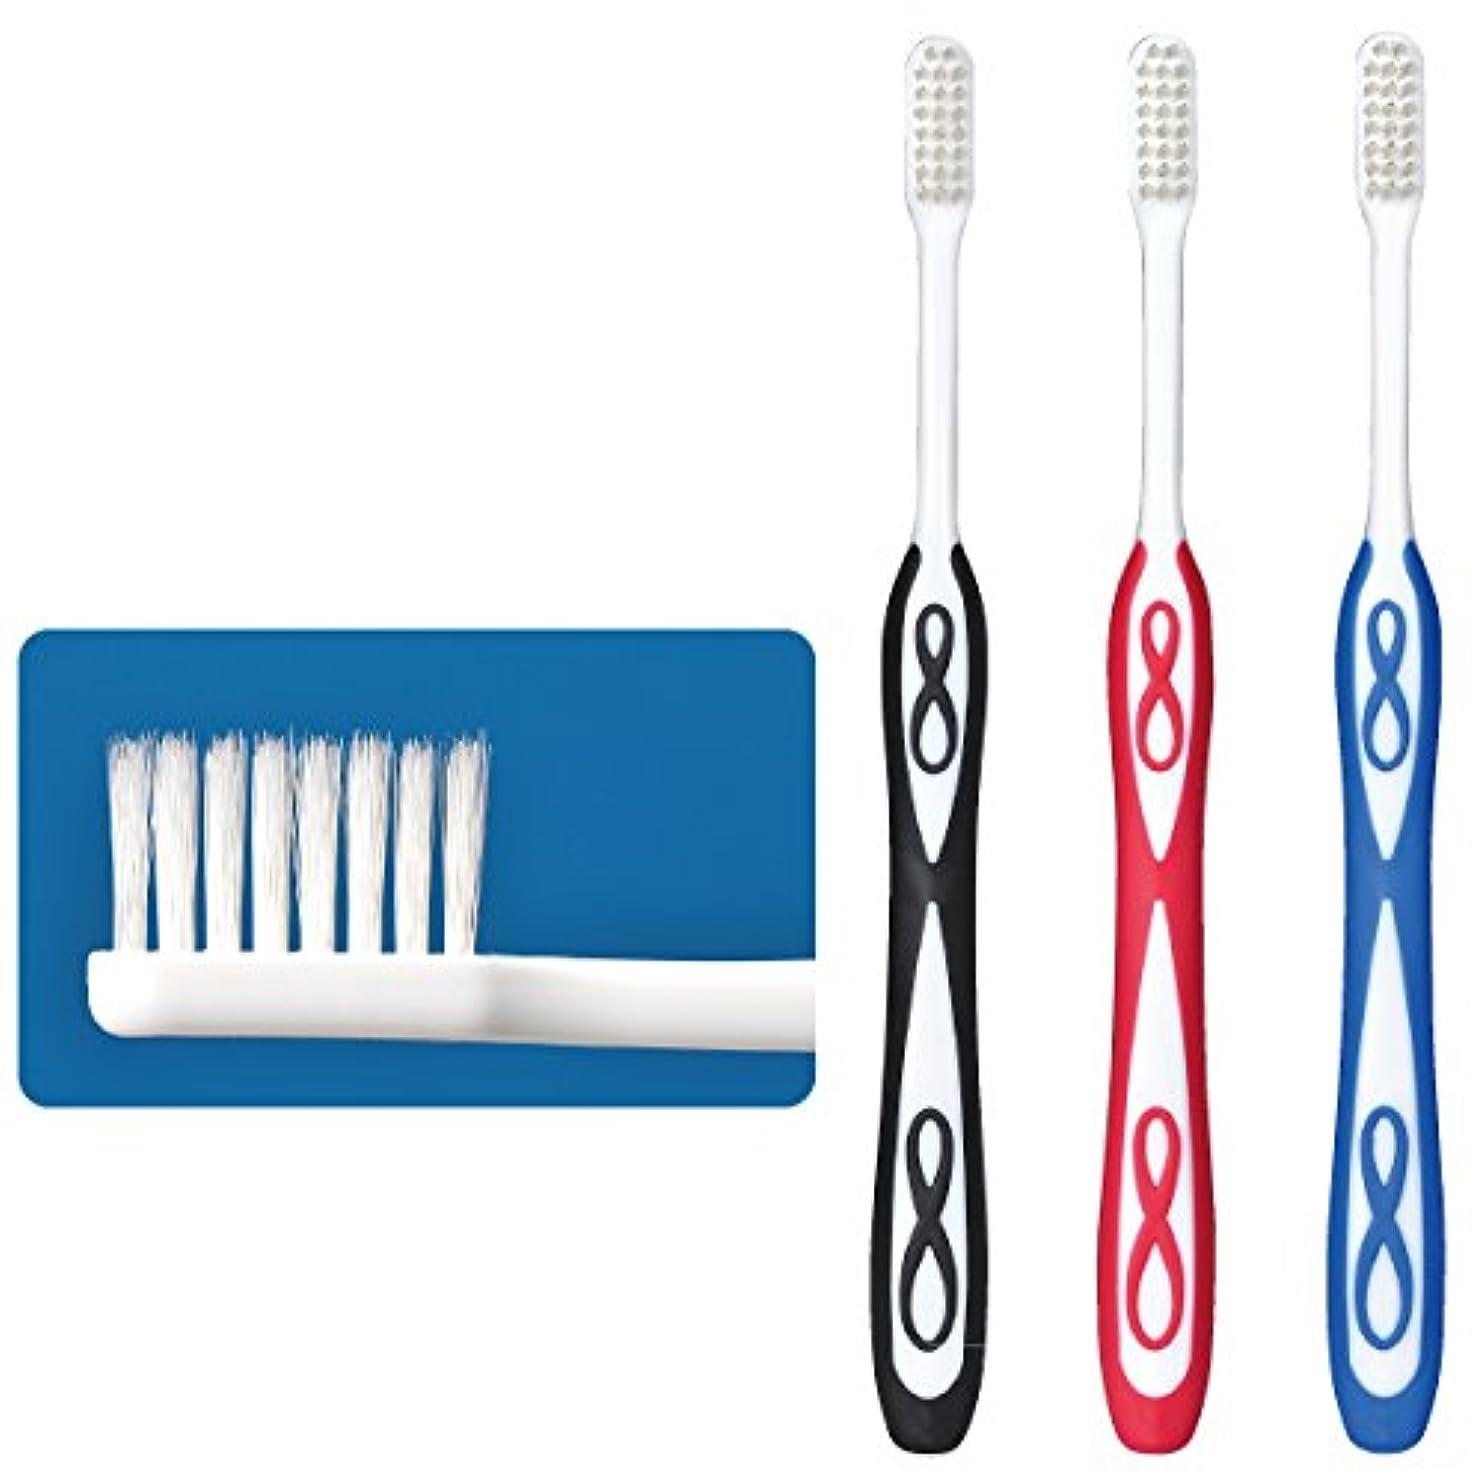 うれしい機械セラフLover8(ラバーエイト)歯ブラシ レギュラータイプ オールテーパー毛 Mふつう 3本入